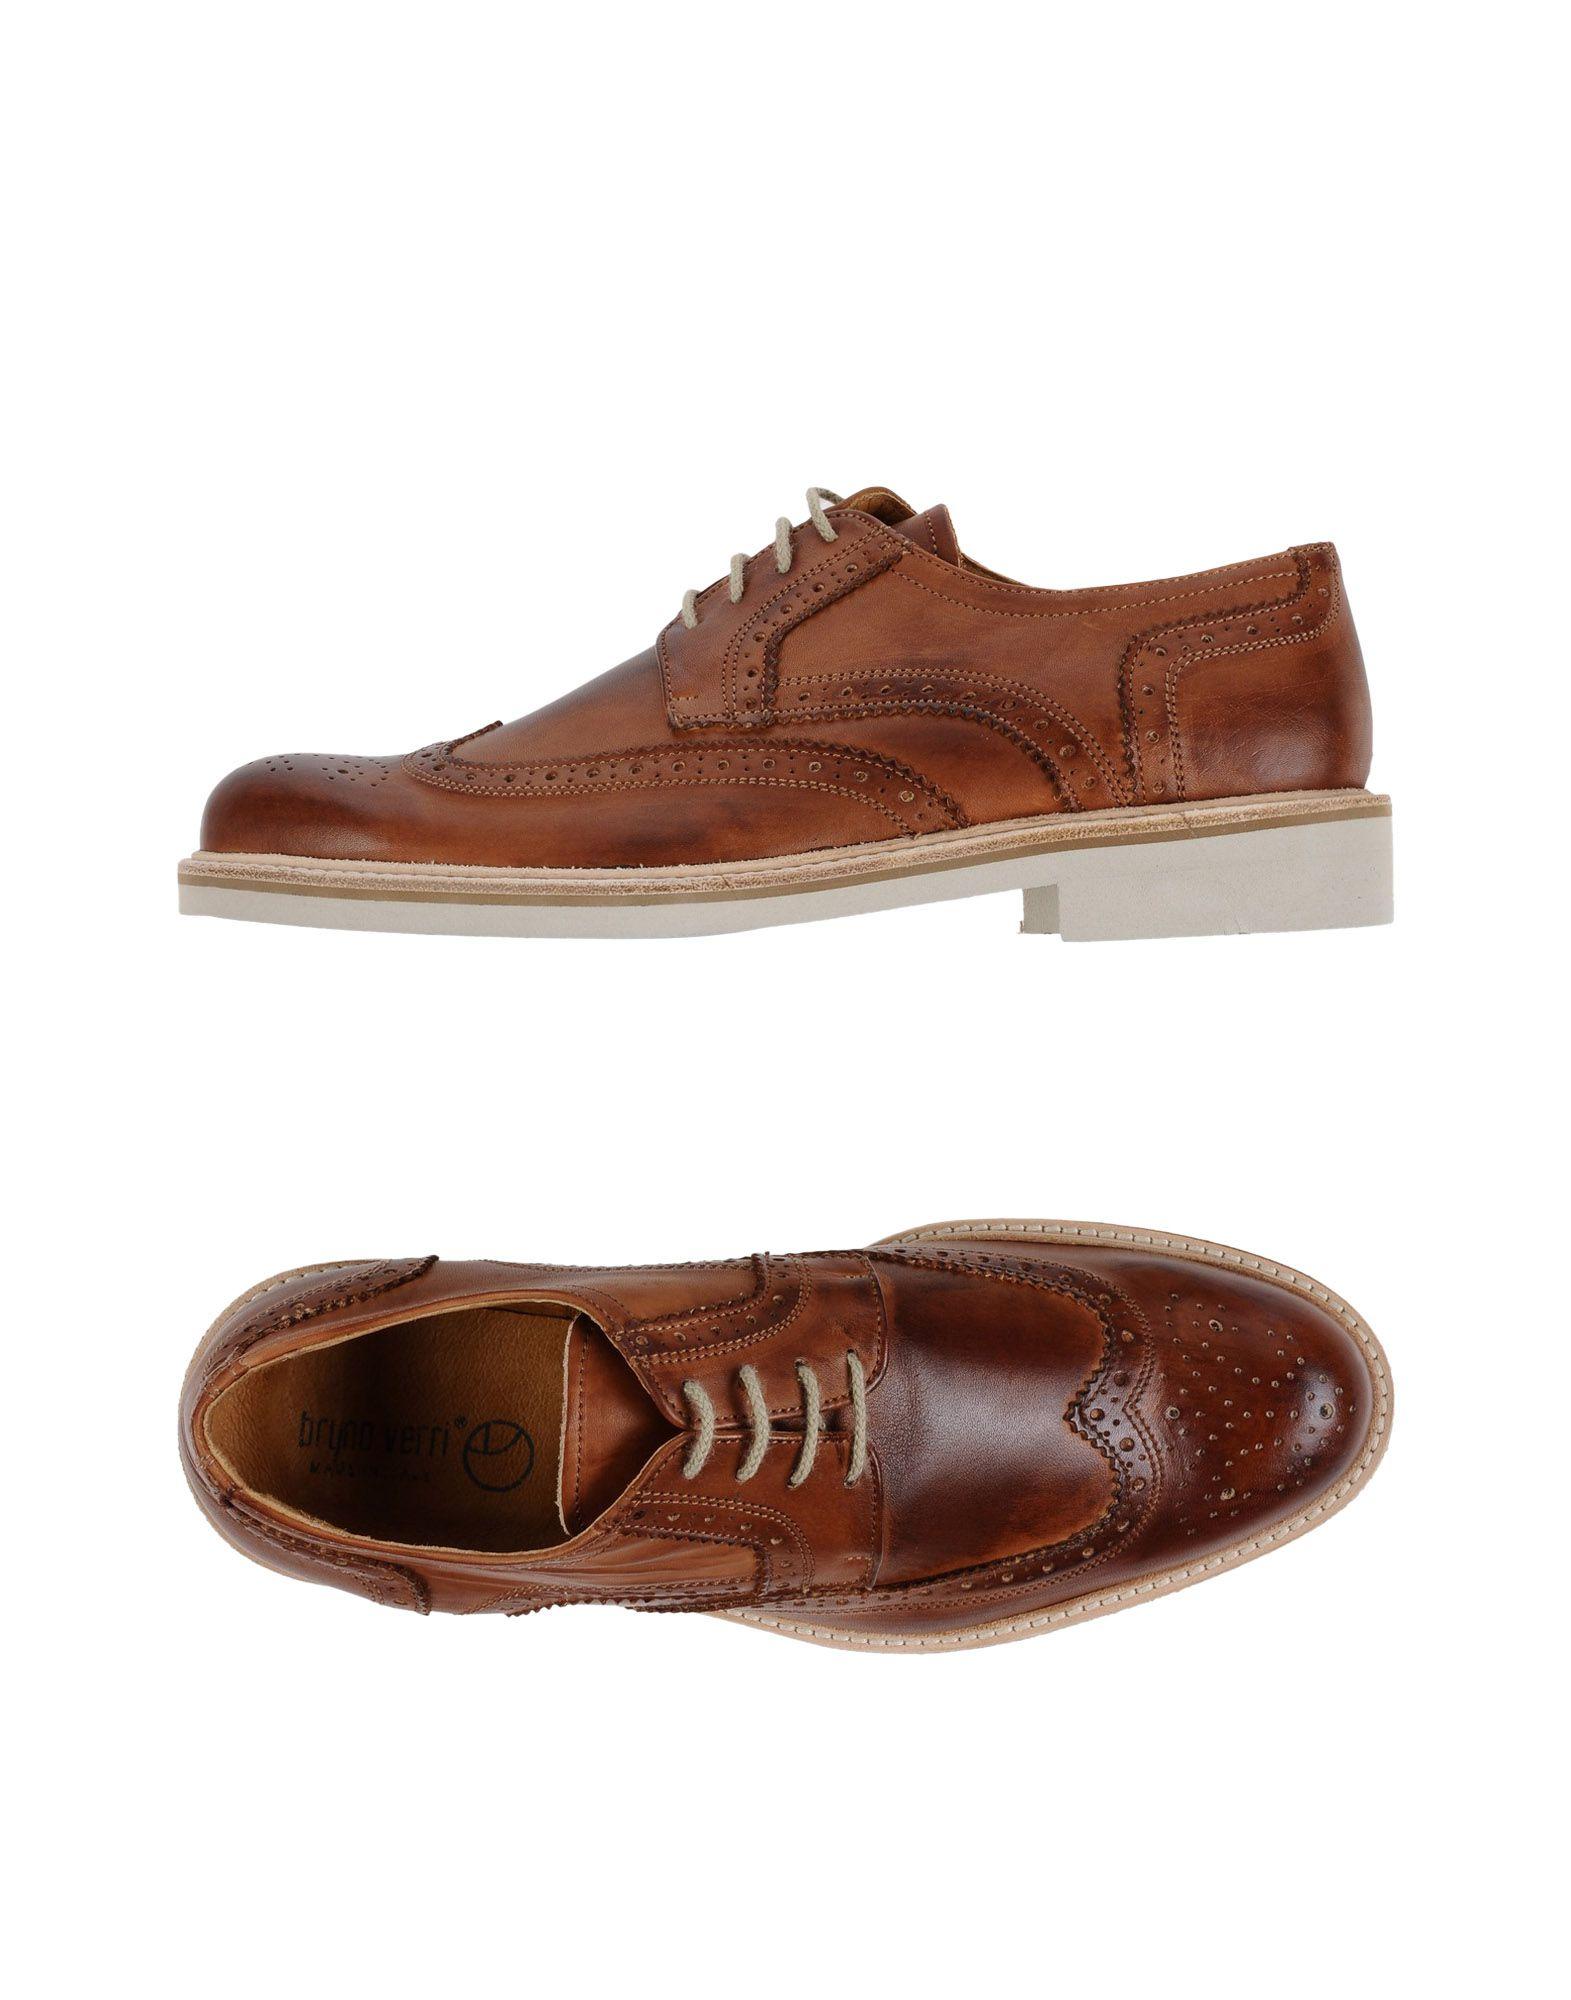 Rabatt Schuhe echte Schuhe Rabatt Bruno Verri Schnürschuhe Herren  11129443MC e2b8d2